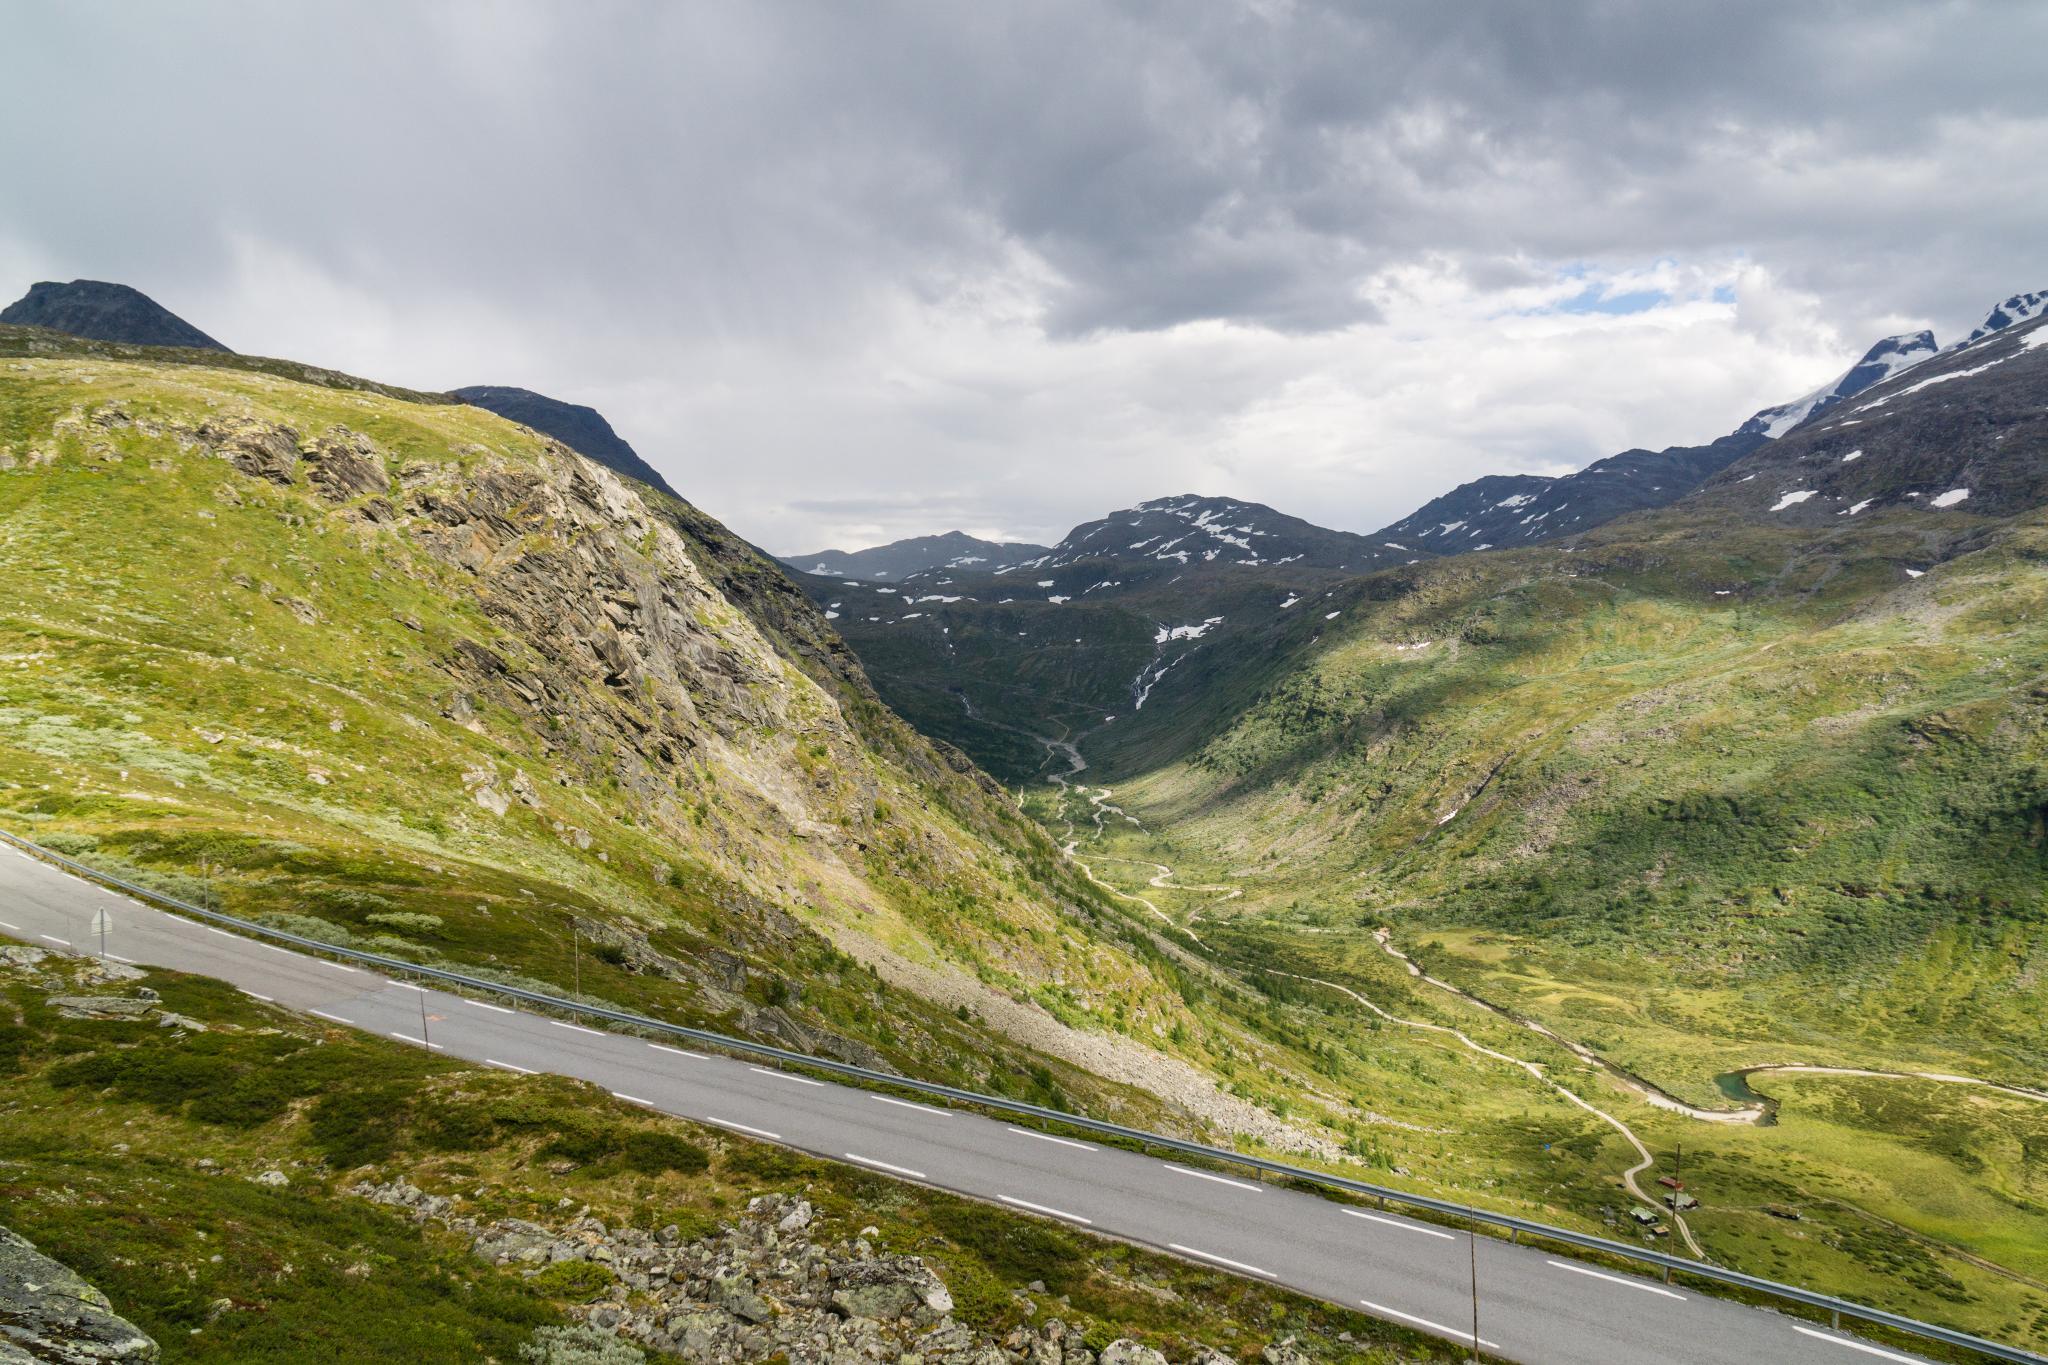 【北歐景點】穿越挪威的屋脊 - 前進北歐最美的冰原景觀公路 Fv55松恩山路 (Sognefjellet) 38